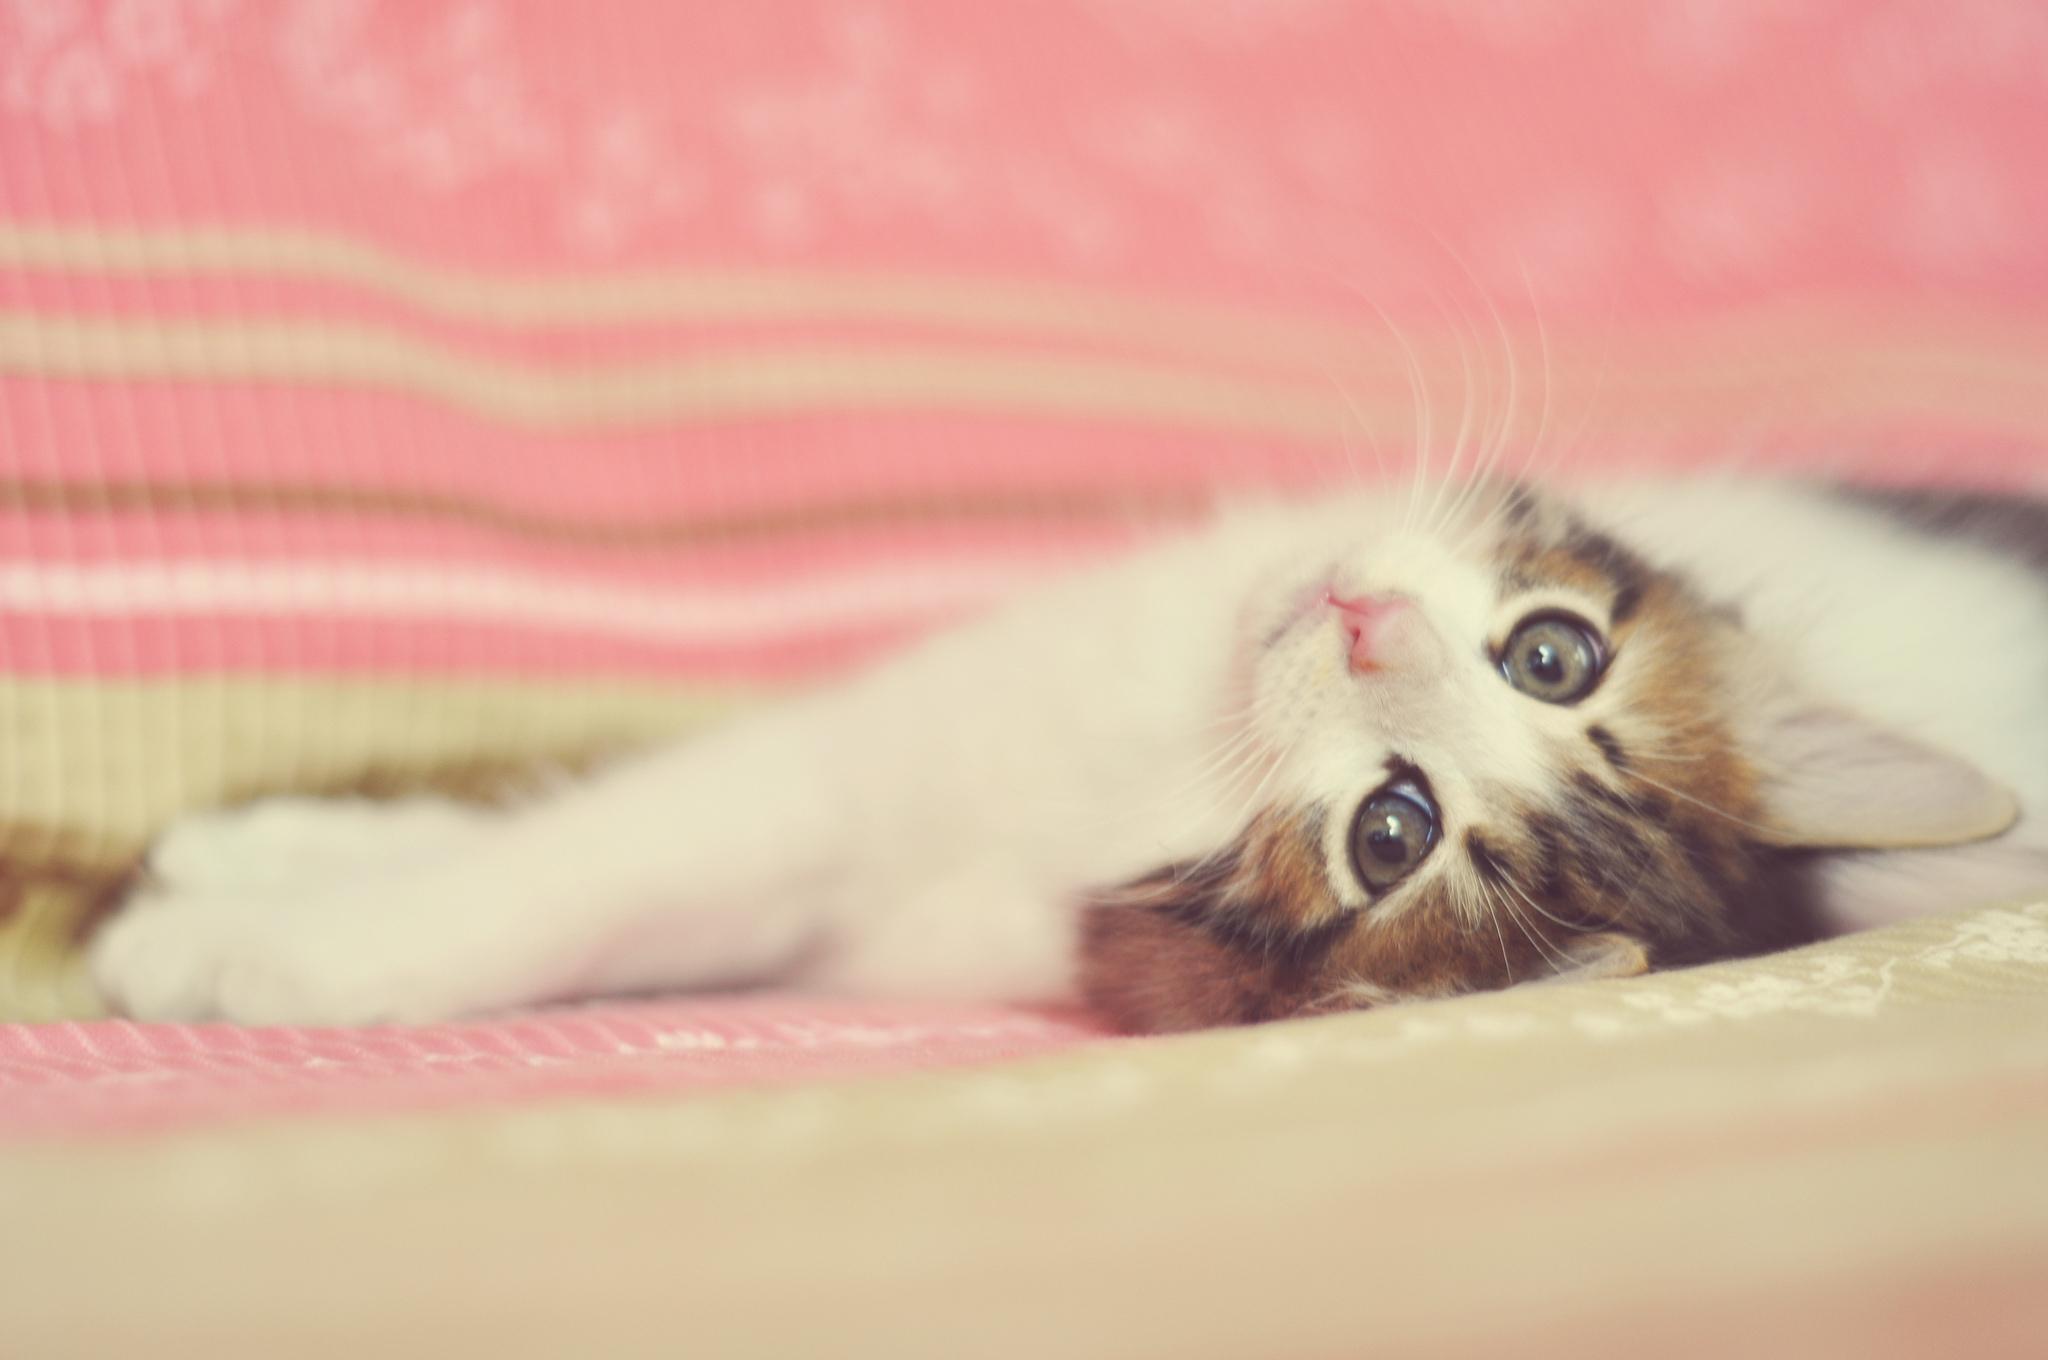 упитанный кот лапки  № 2866518 без смс